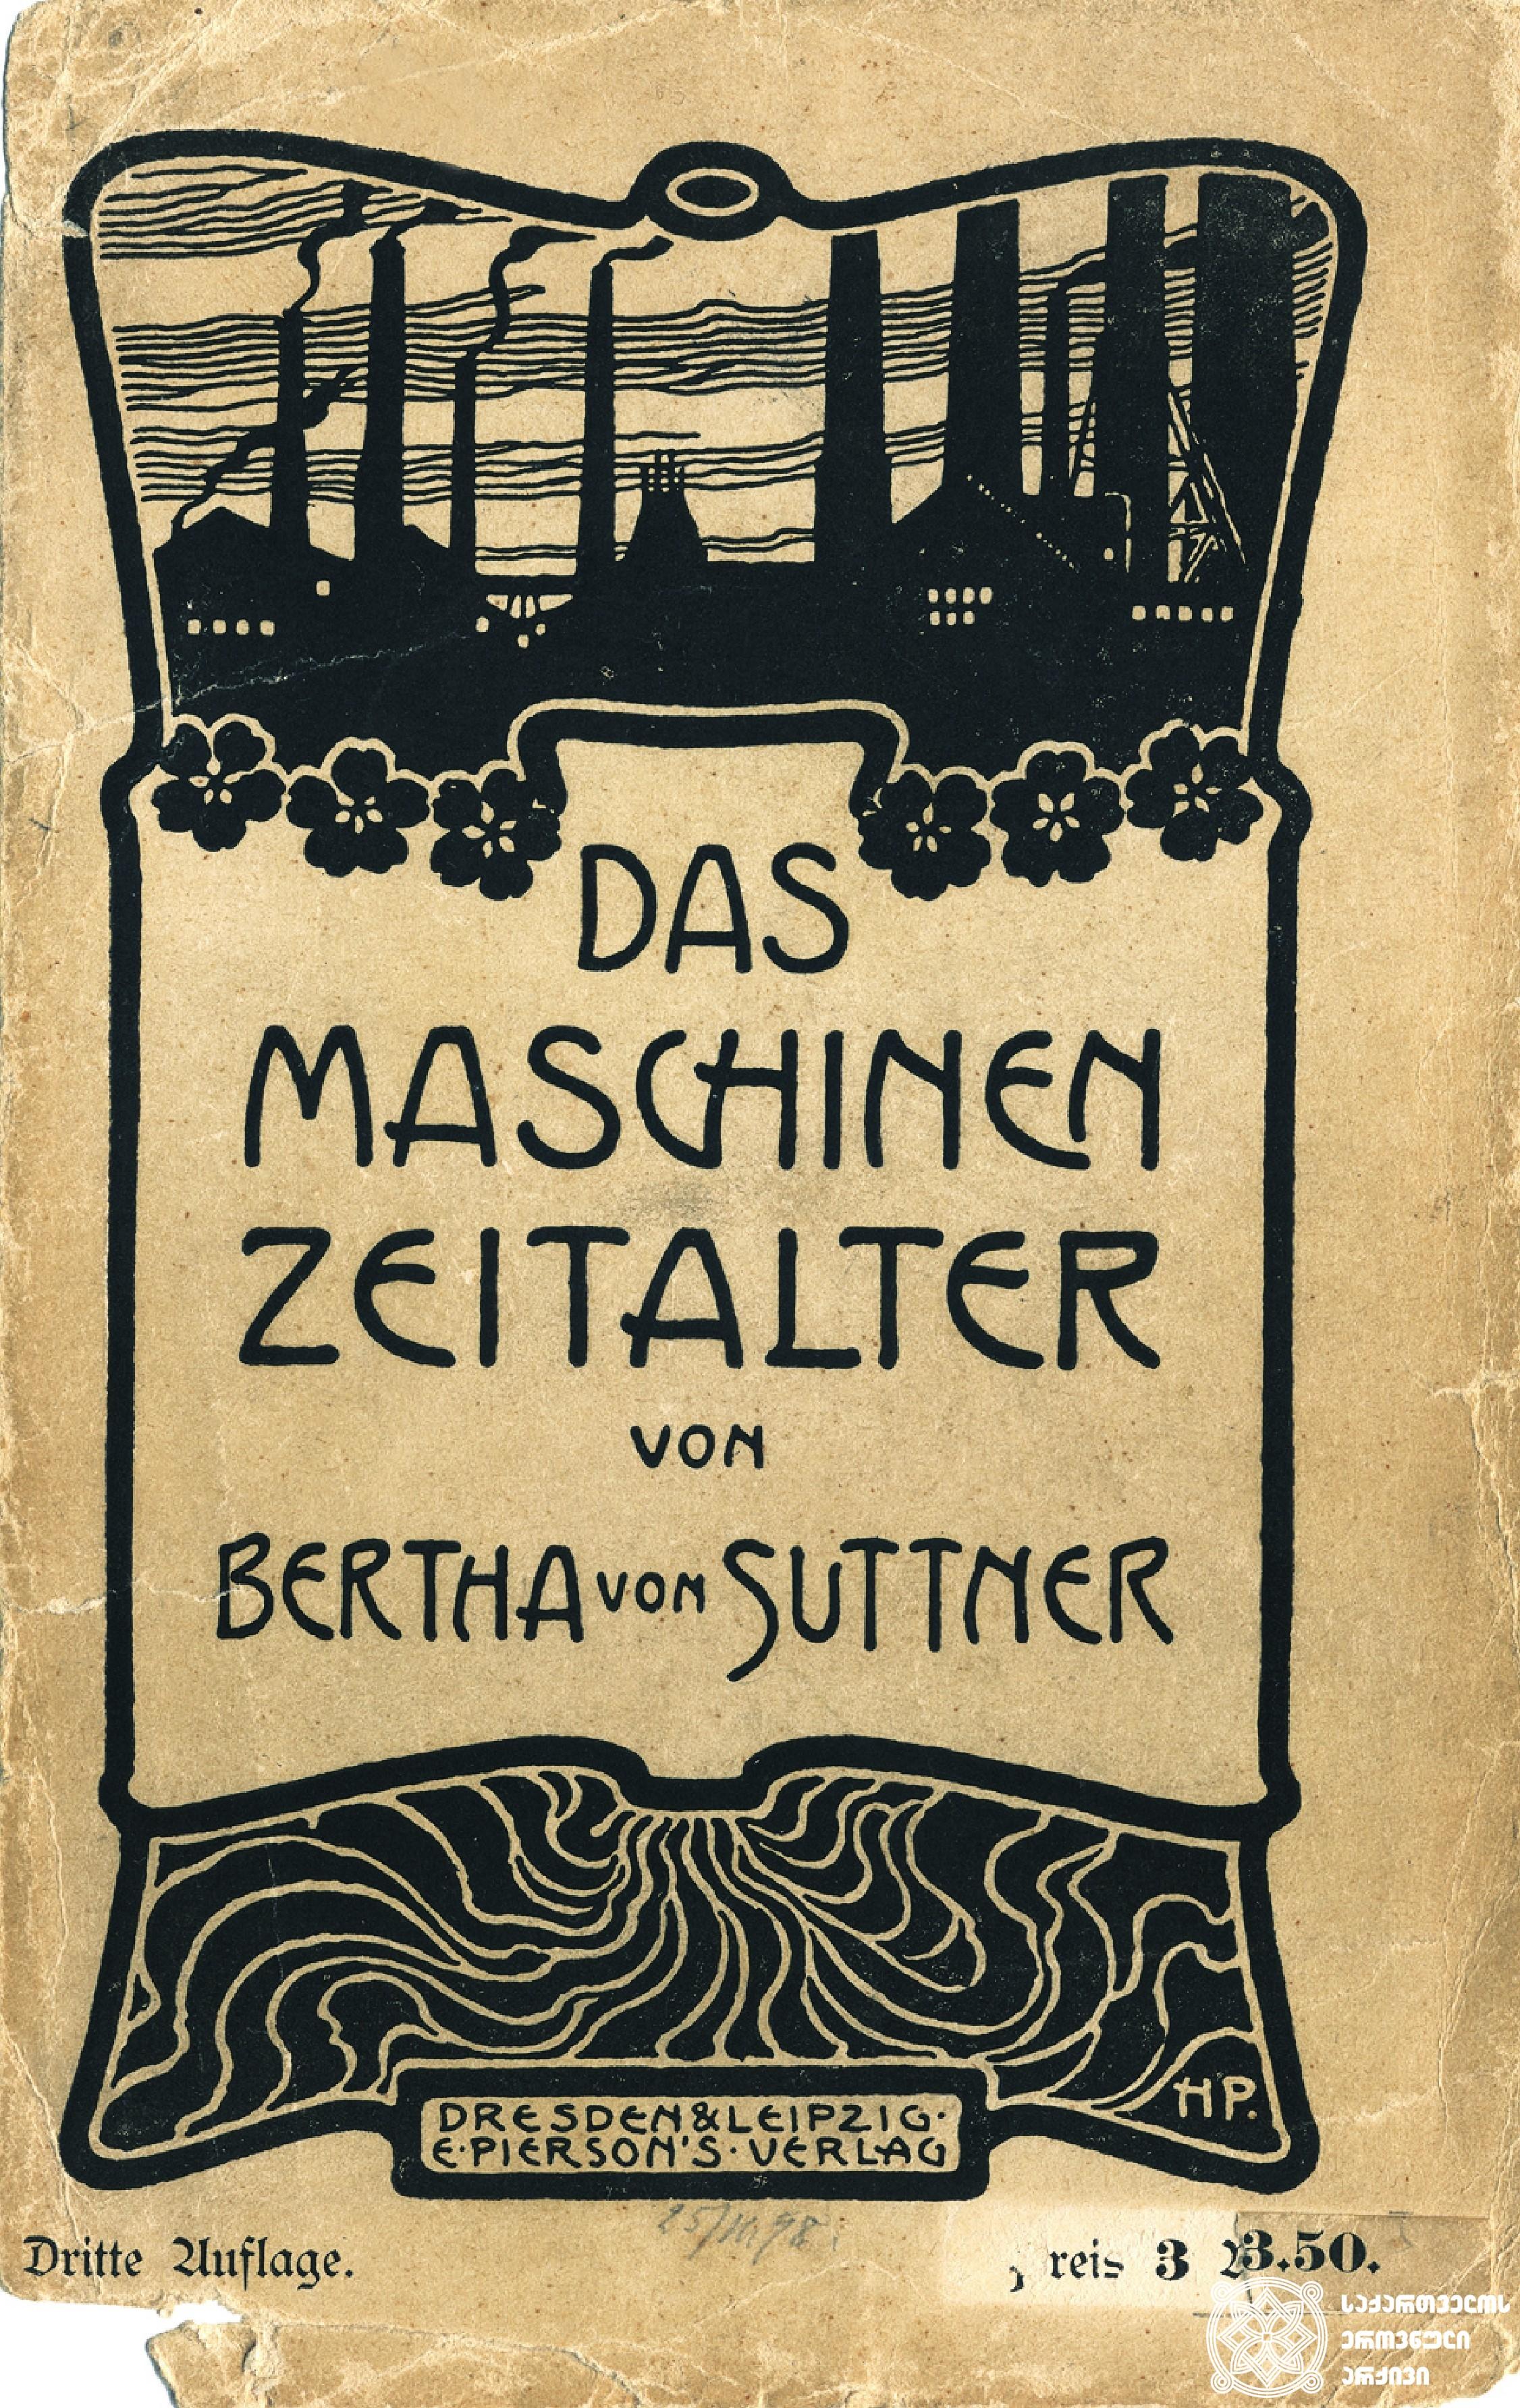 """ბერტა ფონ ზუტნერმა პირველად სამშვიდობო მოძრაობა ახსენა თავის წიგნში """"მანქანის ერა"""", რომელიც 1888 წელს გამოქვეყნდა <br> გეორგ ჰამანის კოლექციიდან <br> """"The Machine Age"""" -Suttner first mentioned the international peace movement in this book, published in 1888<br> From the collection of Georg Hamann"""